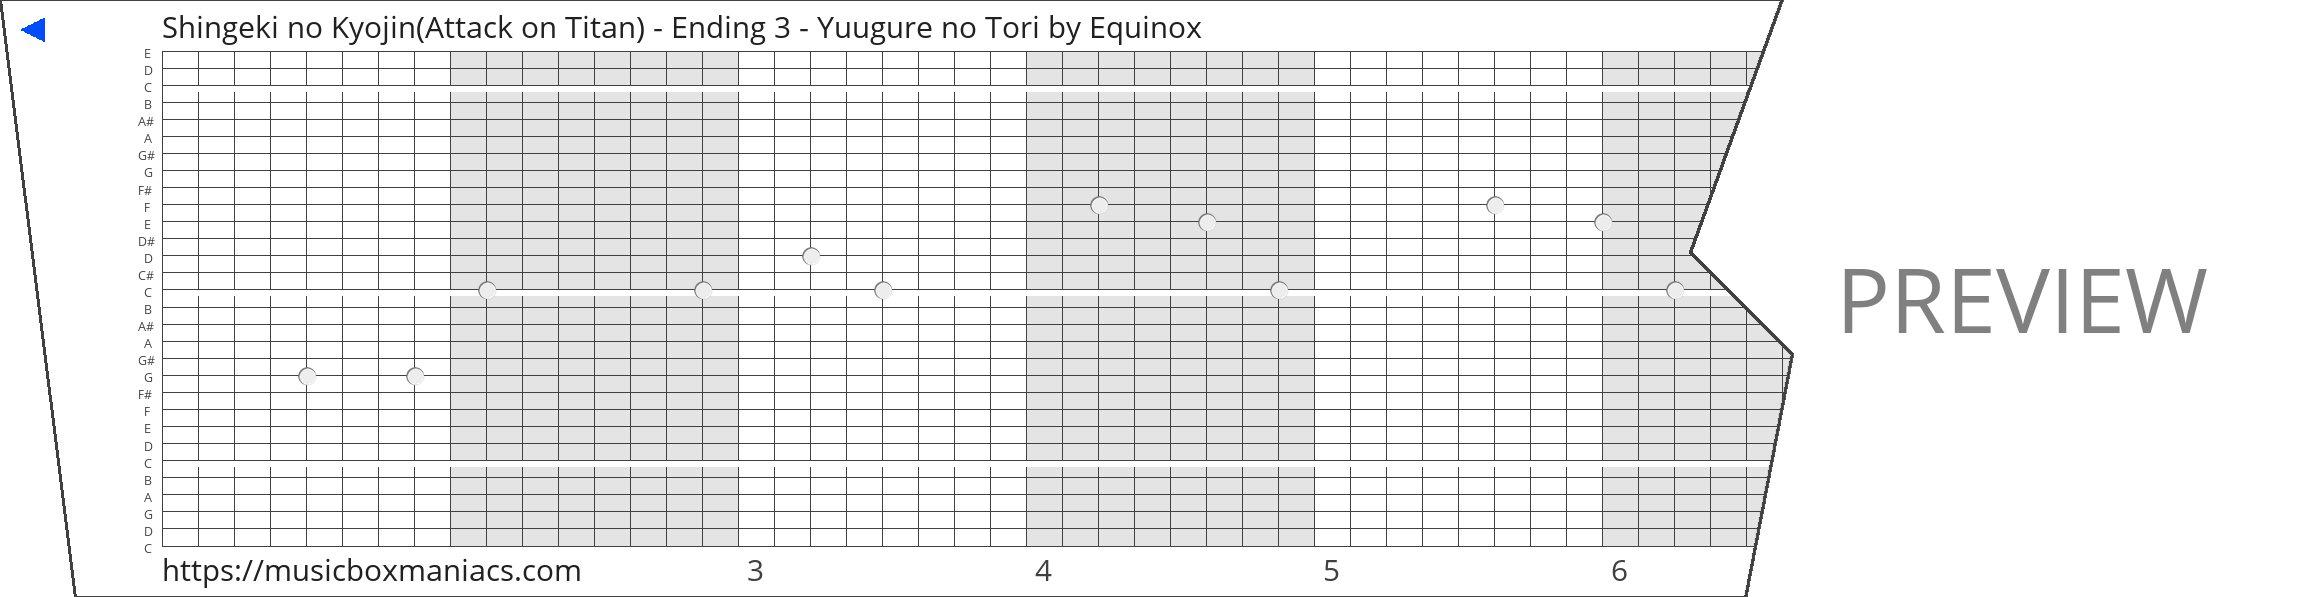 Shingeki no Kyojin(Attack on Titan) - Ending 3 - Yuugure no Tori 30 note music box paper strip